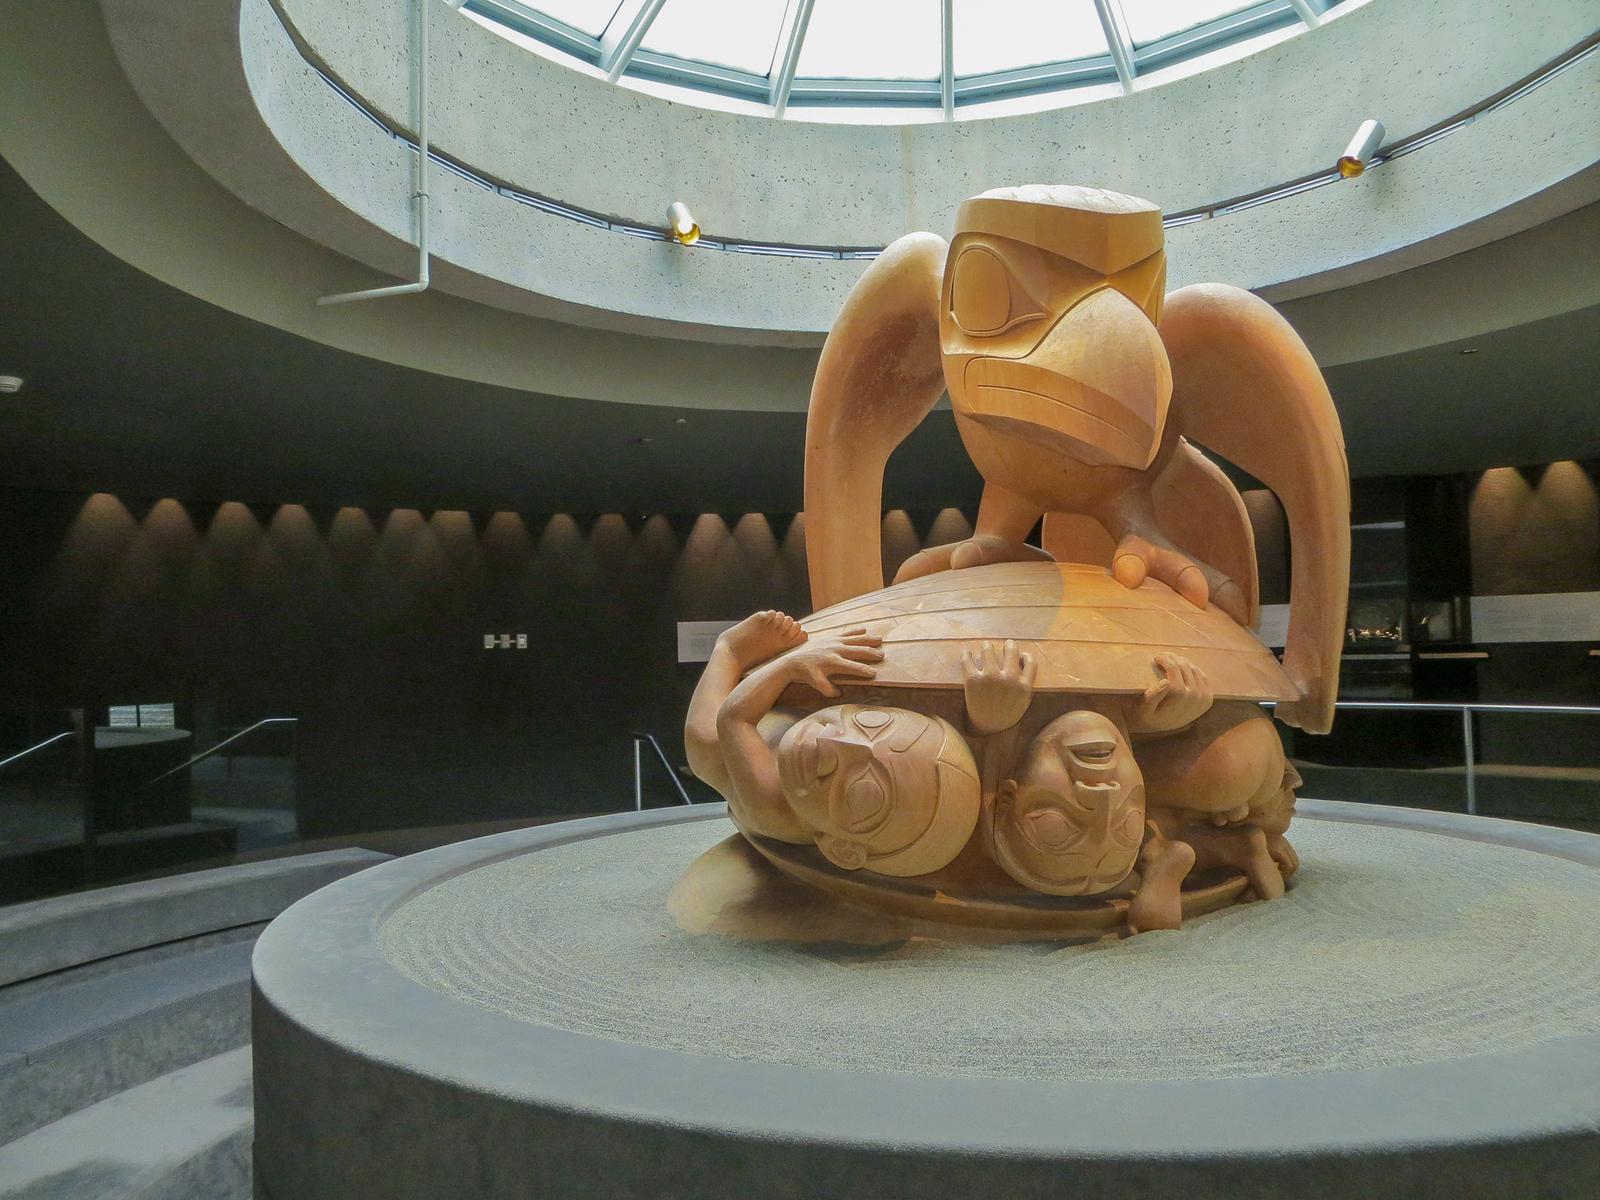 vancouver weekend getaways means seeing great museums